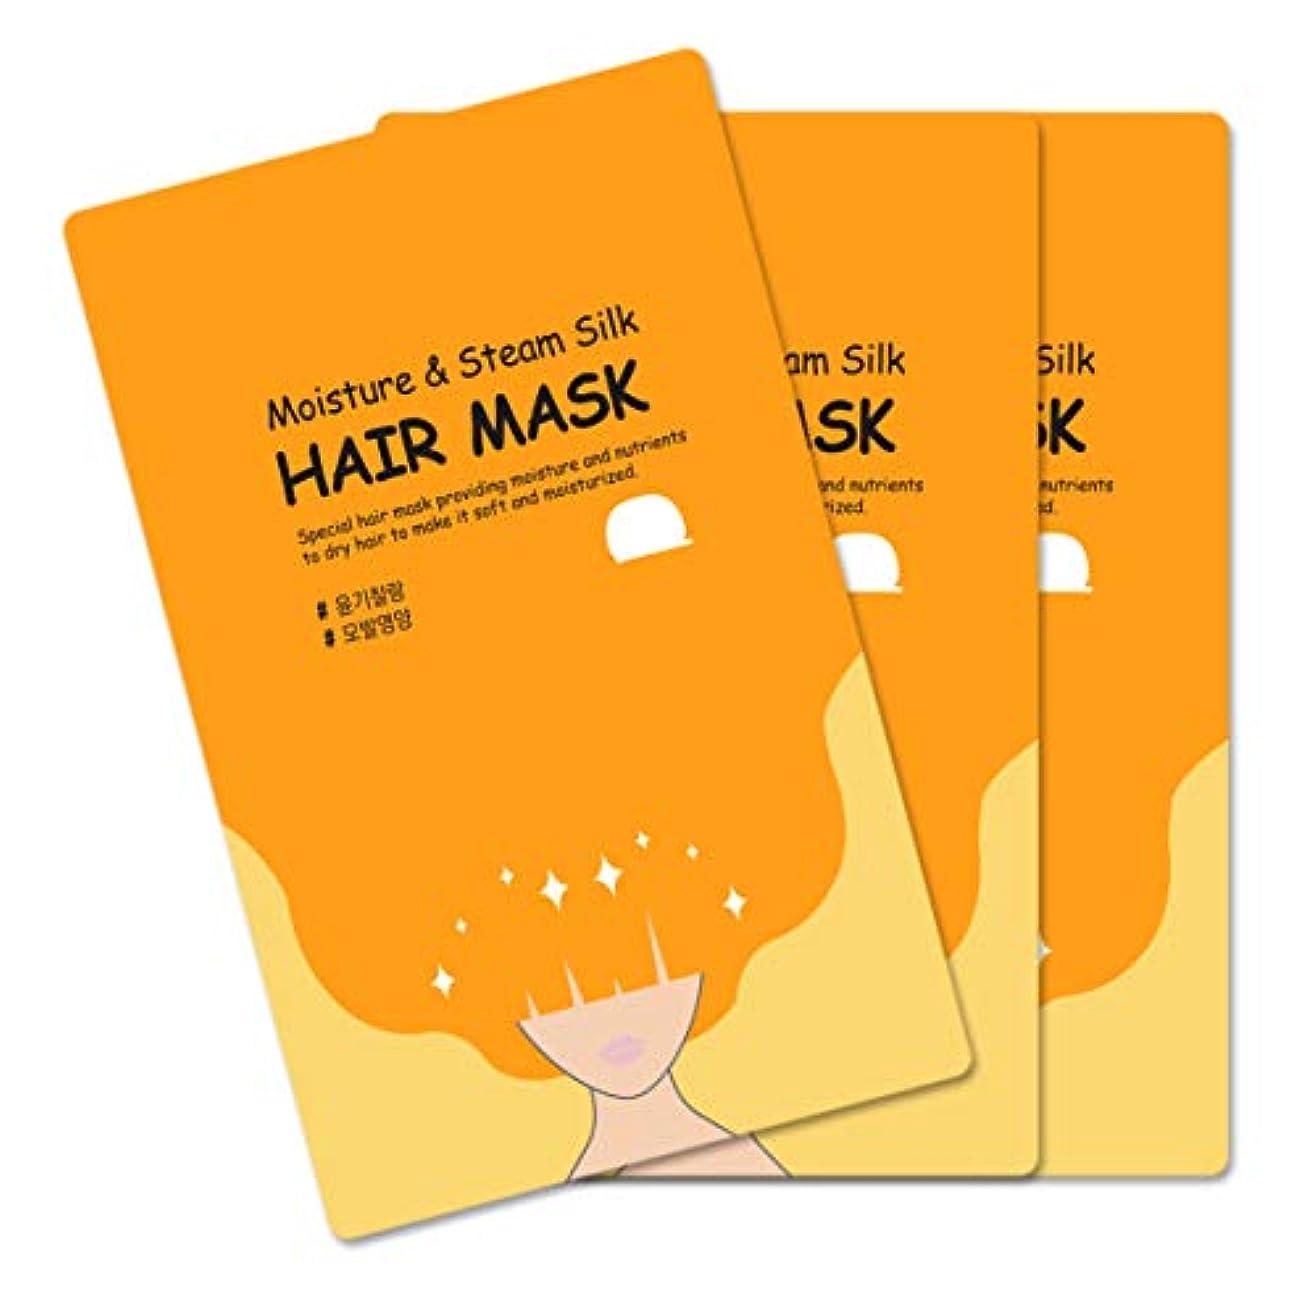 余暇お祝い作動する[CNF] SHES LAB(シーズラップ) モイスチャー&スチームシルク ヘアー マスク 3枚